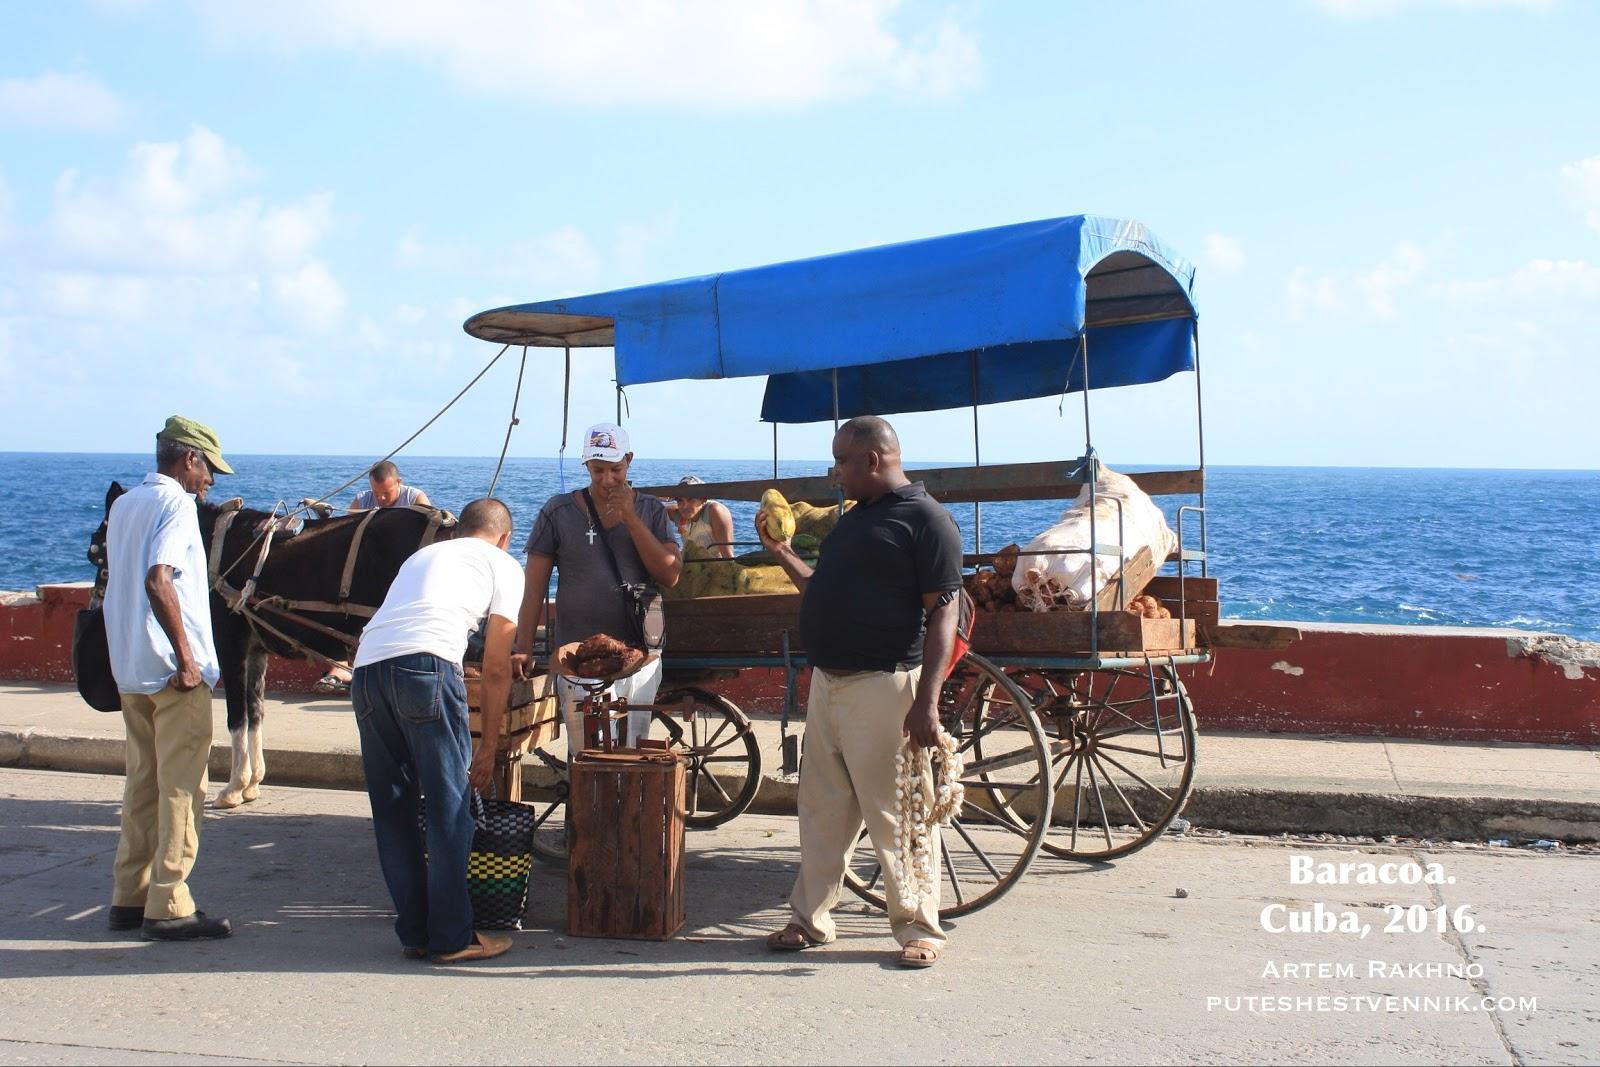 Покупка овощей из кареты в Баракоа